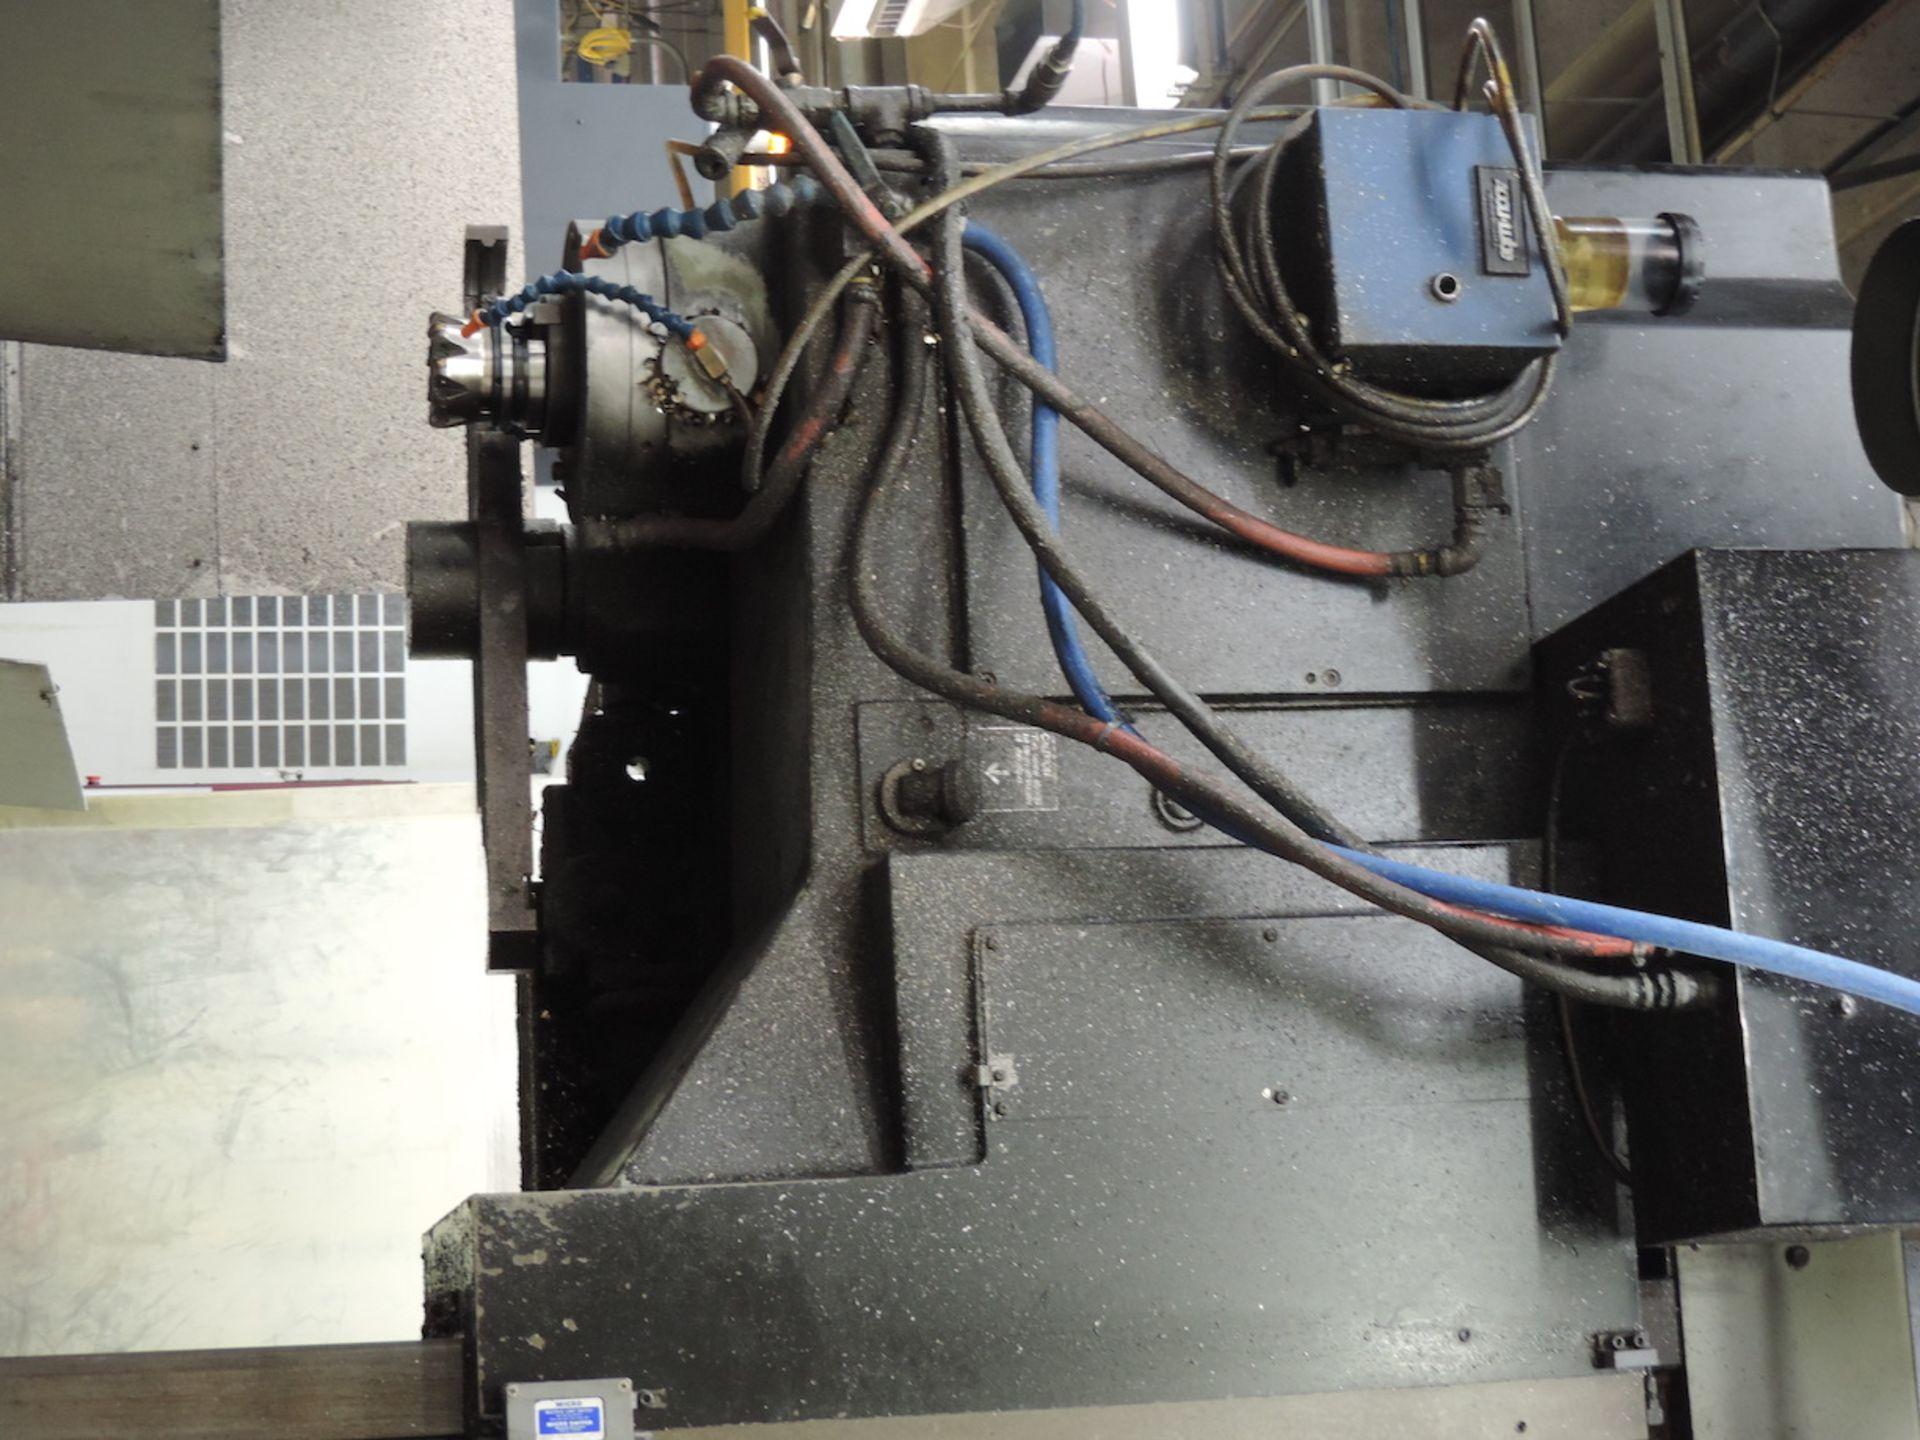 KURAKI KV-2000 KV-1600W VMC, FANUC 6M CONTROL, 3000 RPM, 50 TAPER SPINDLE, 24 ATC, XYZ TRAVELS: - Image 4 of 13